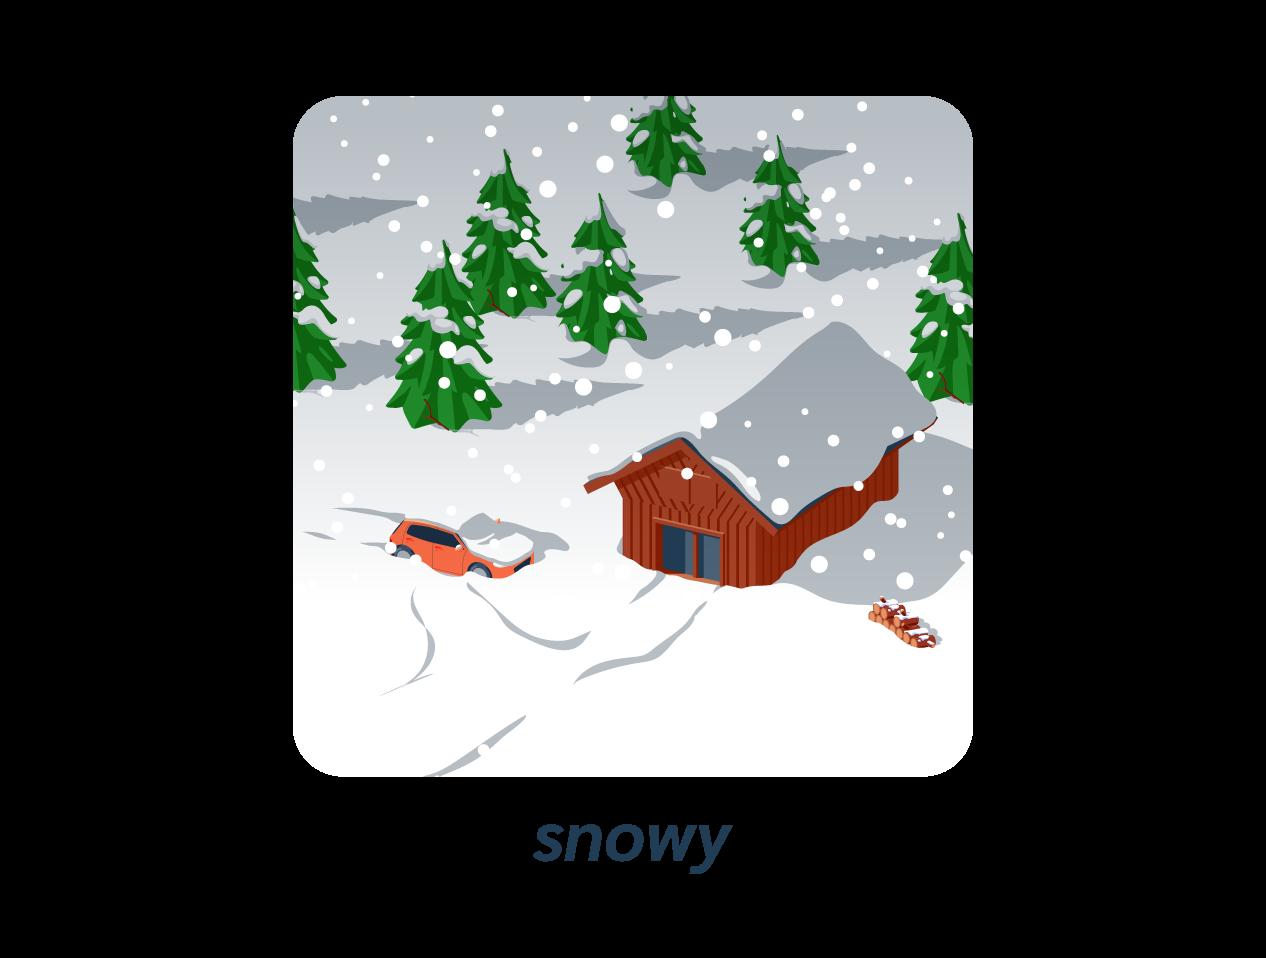 snowy neige anglais météo weather